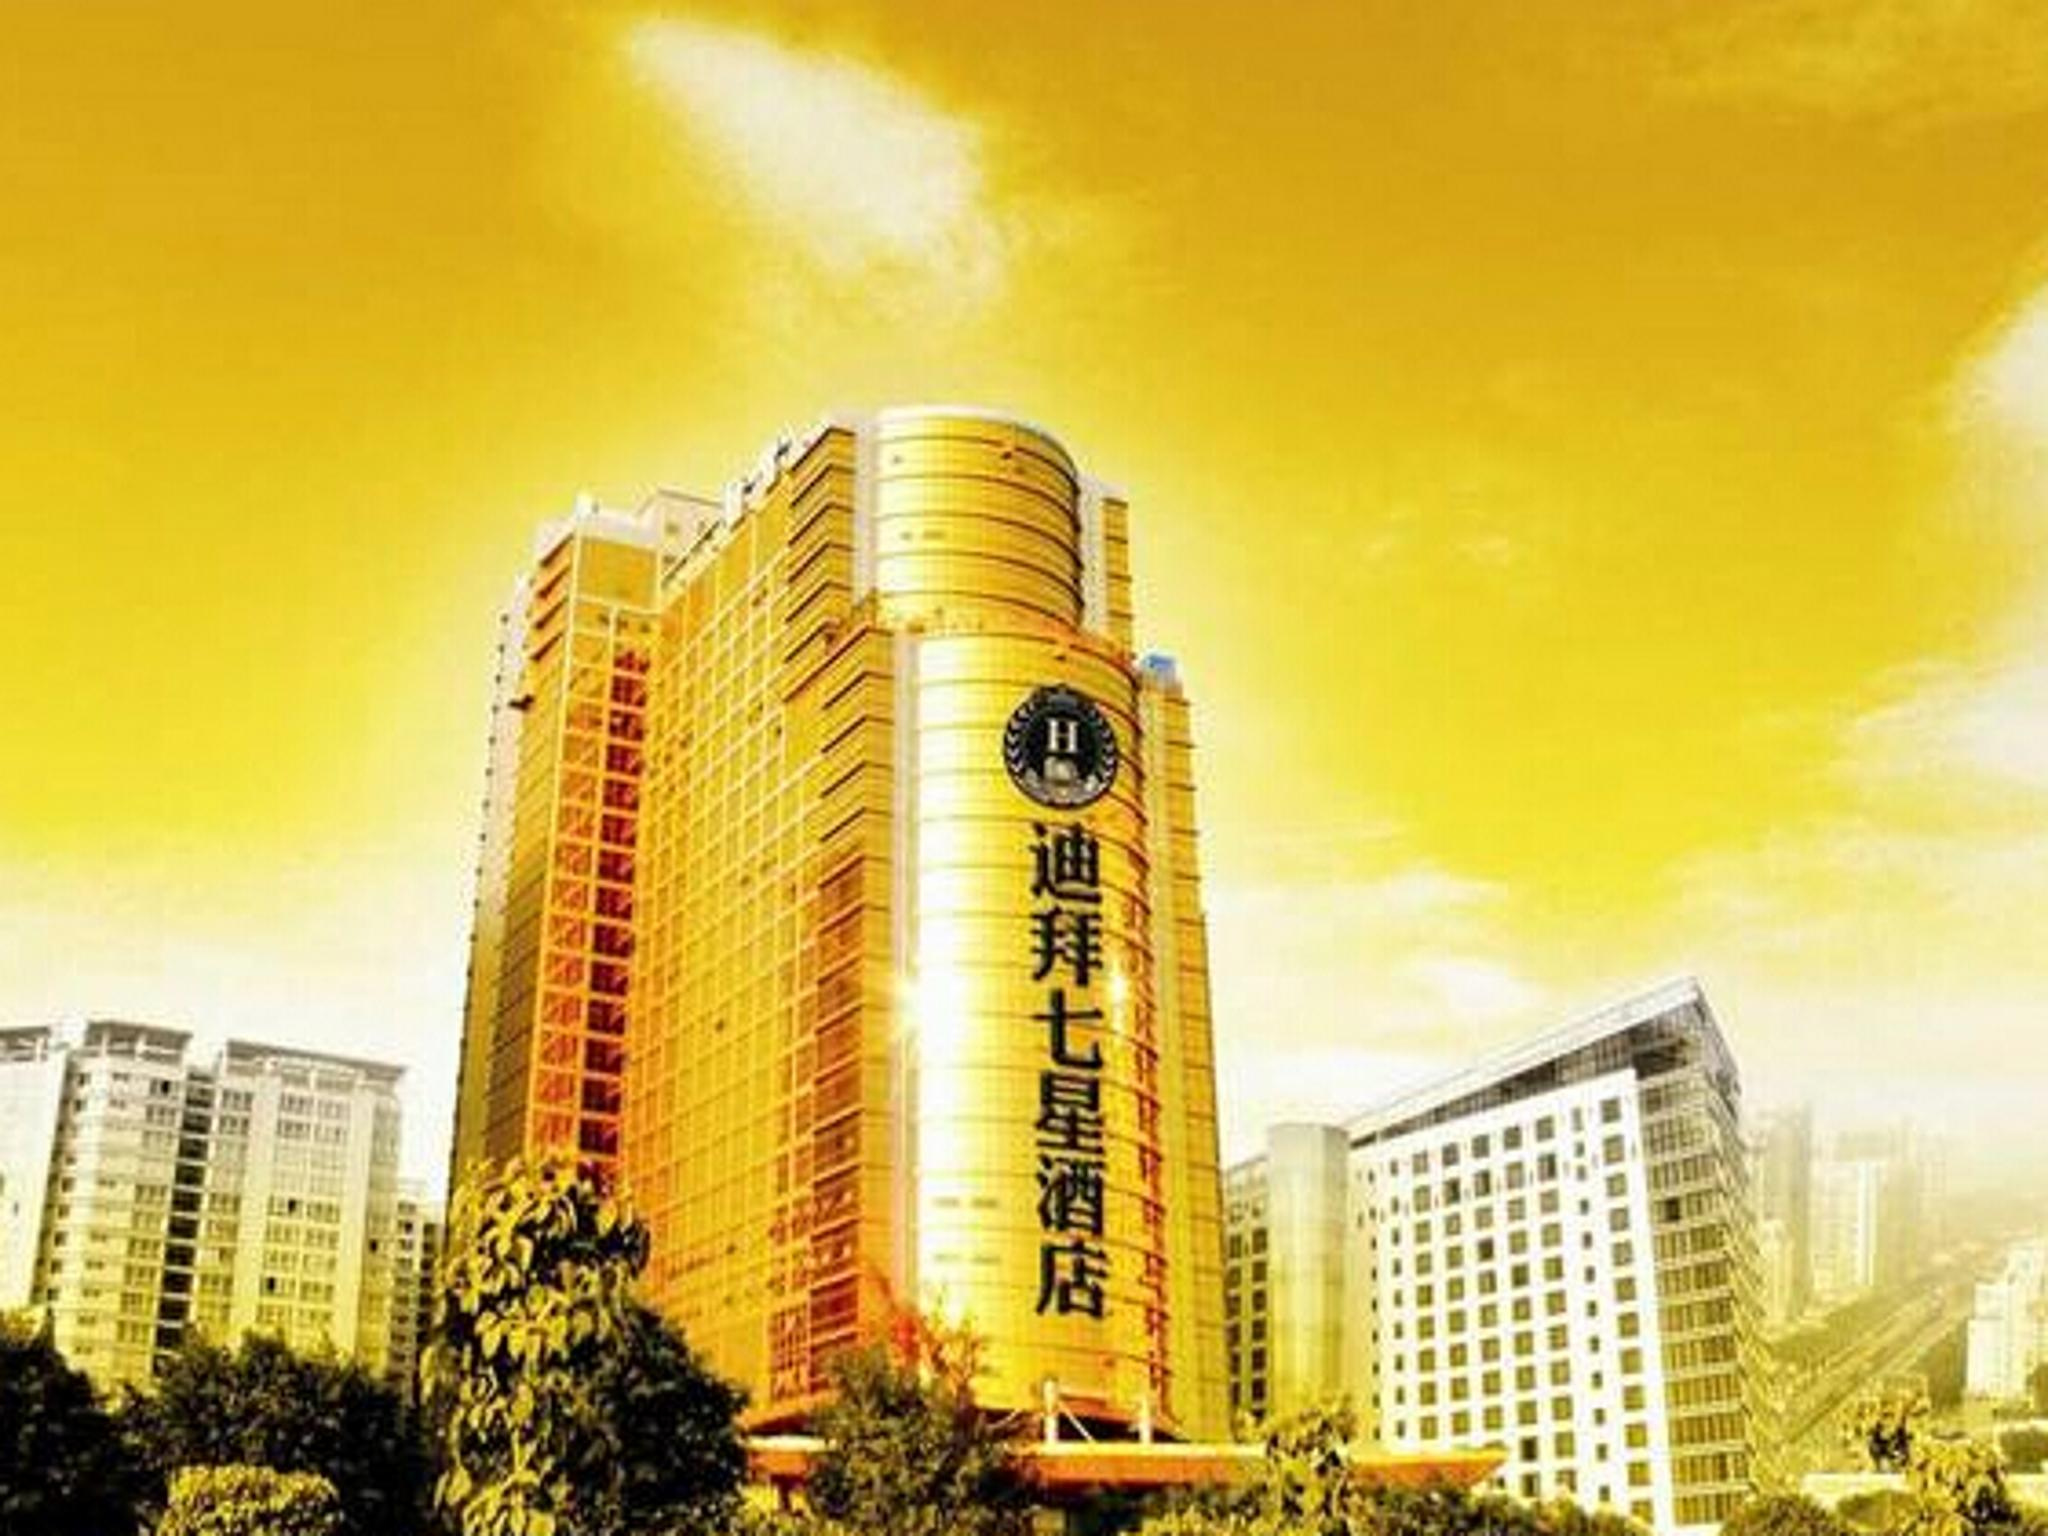 Nanning Dibai 7 Star Hotel - Qingxiu. Nanning. Guangxi. China booking and map.